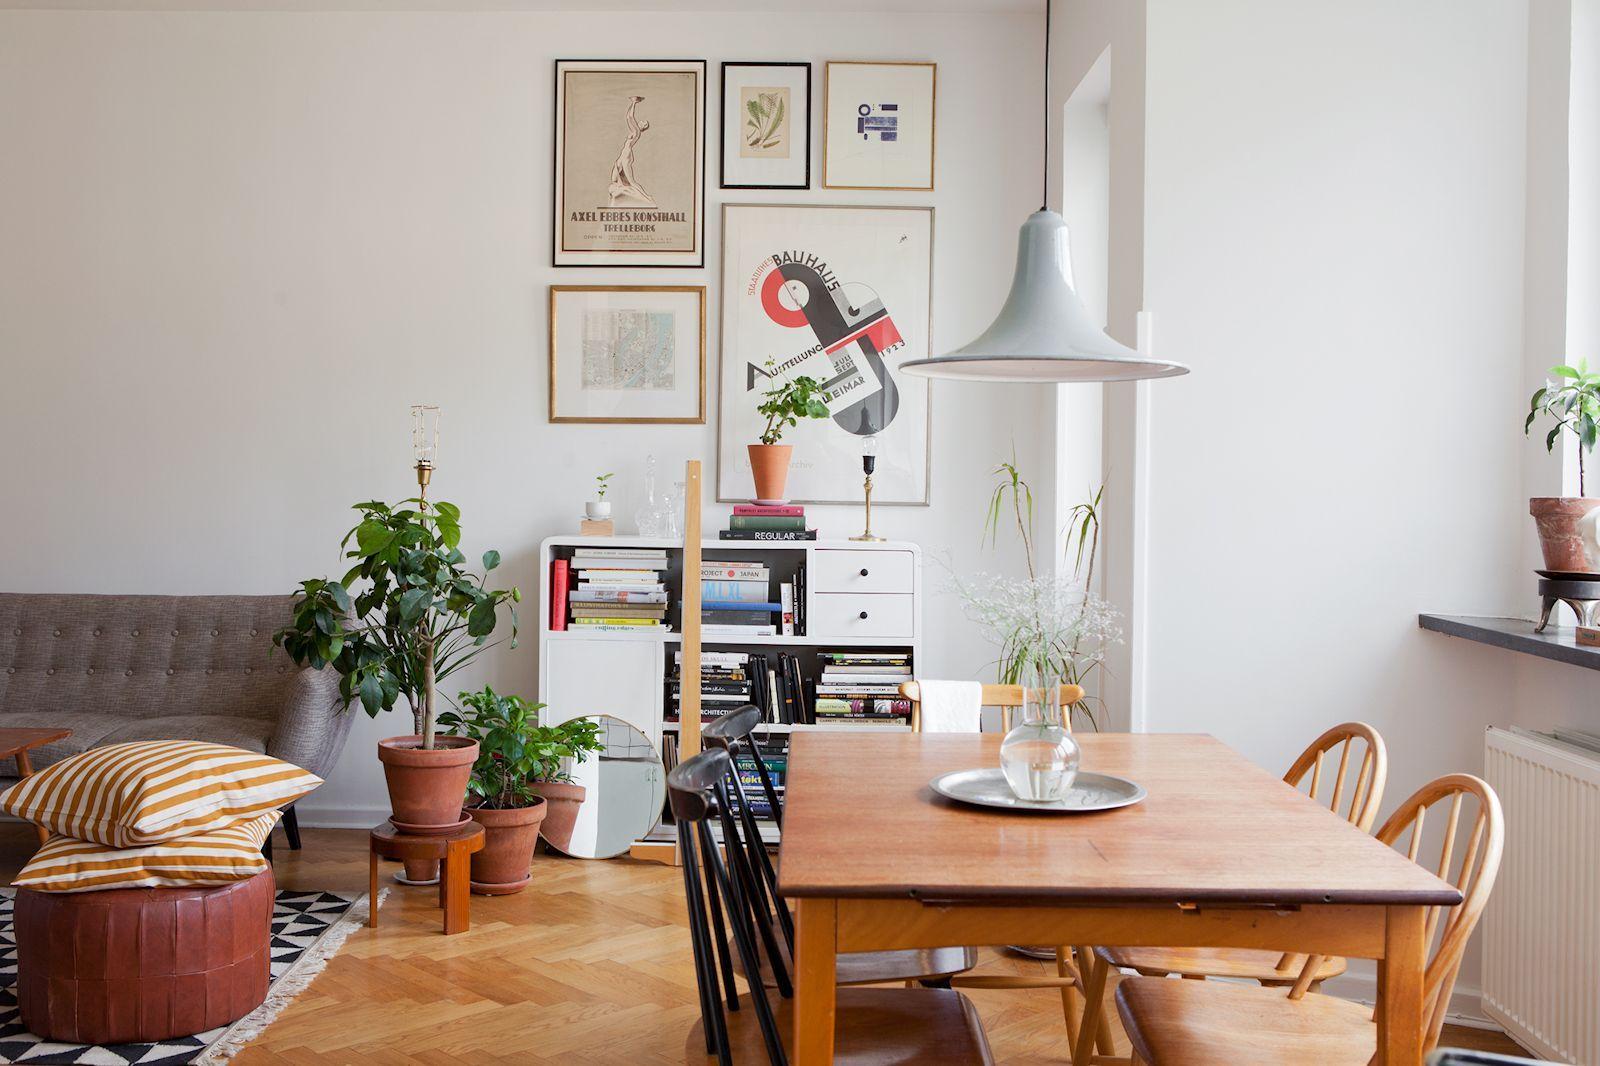 Departamento De 2 Ambientes En Estilo Nordico Y Vintage Estilos Deco Home Home Decor Living Dining Room